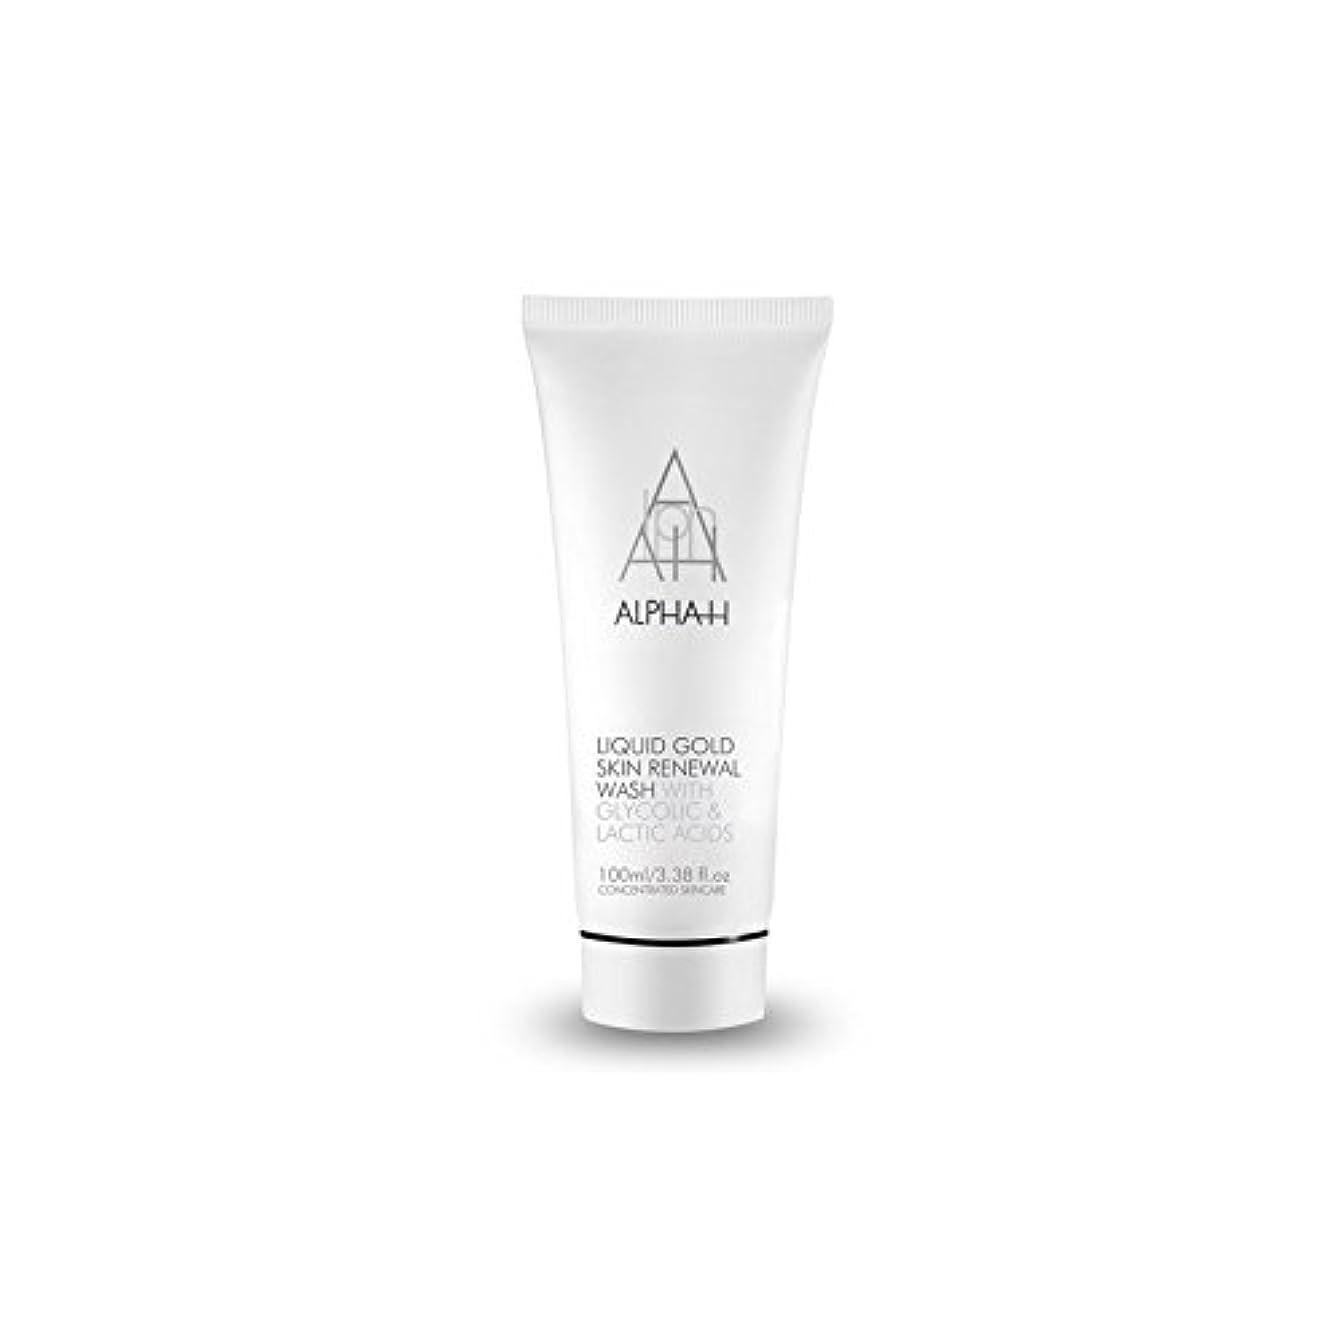 研磨剤この近代化Alpha H Gold Skin Renewal Wash (100ml) (Pack of 6) - アルファのゴールドスキンリニューアルウォッシュ(100ミリリットル) x6 [並行輸入品]